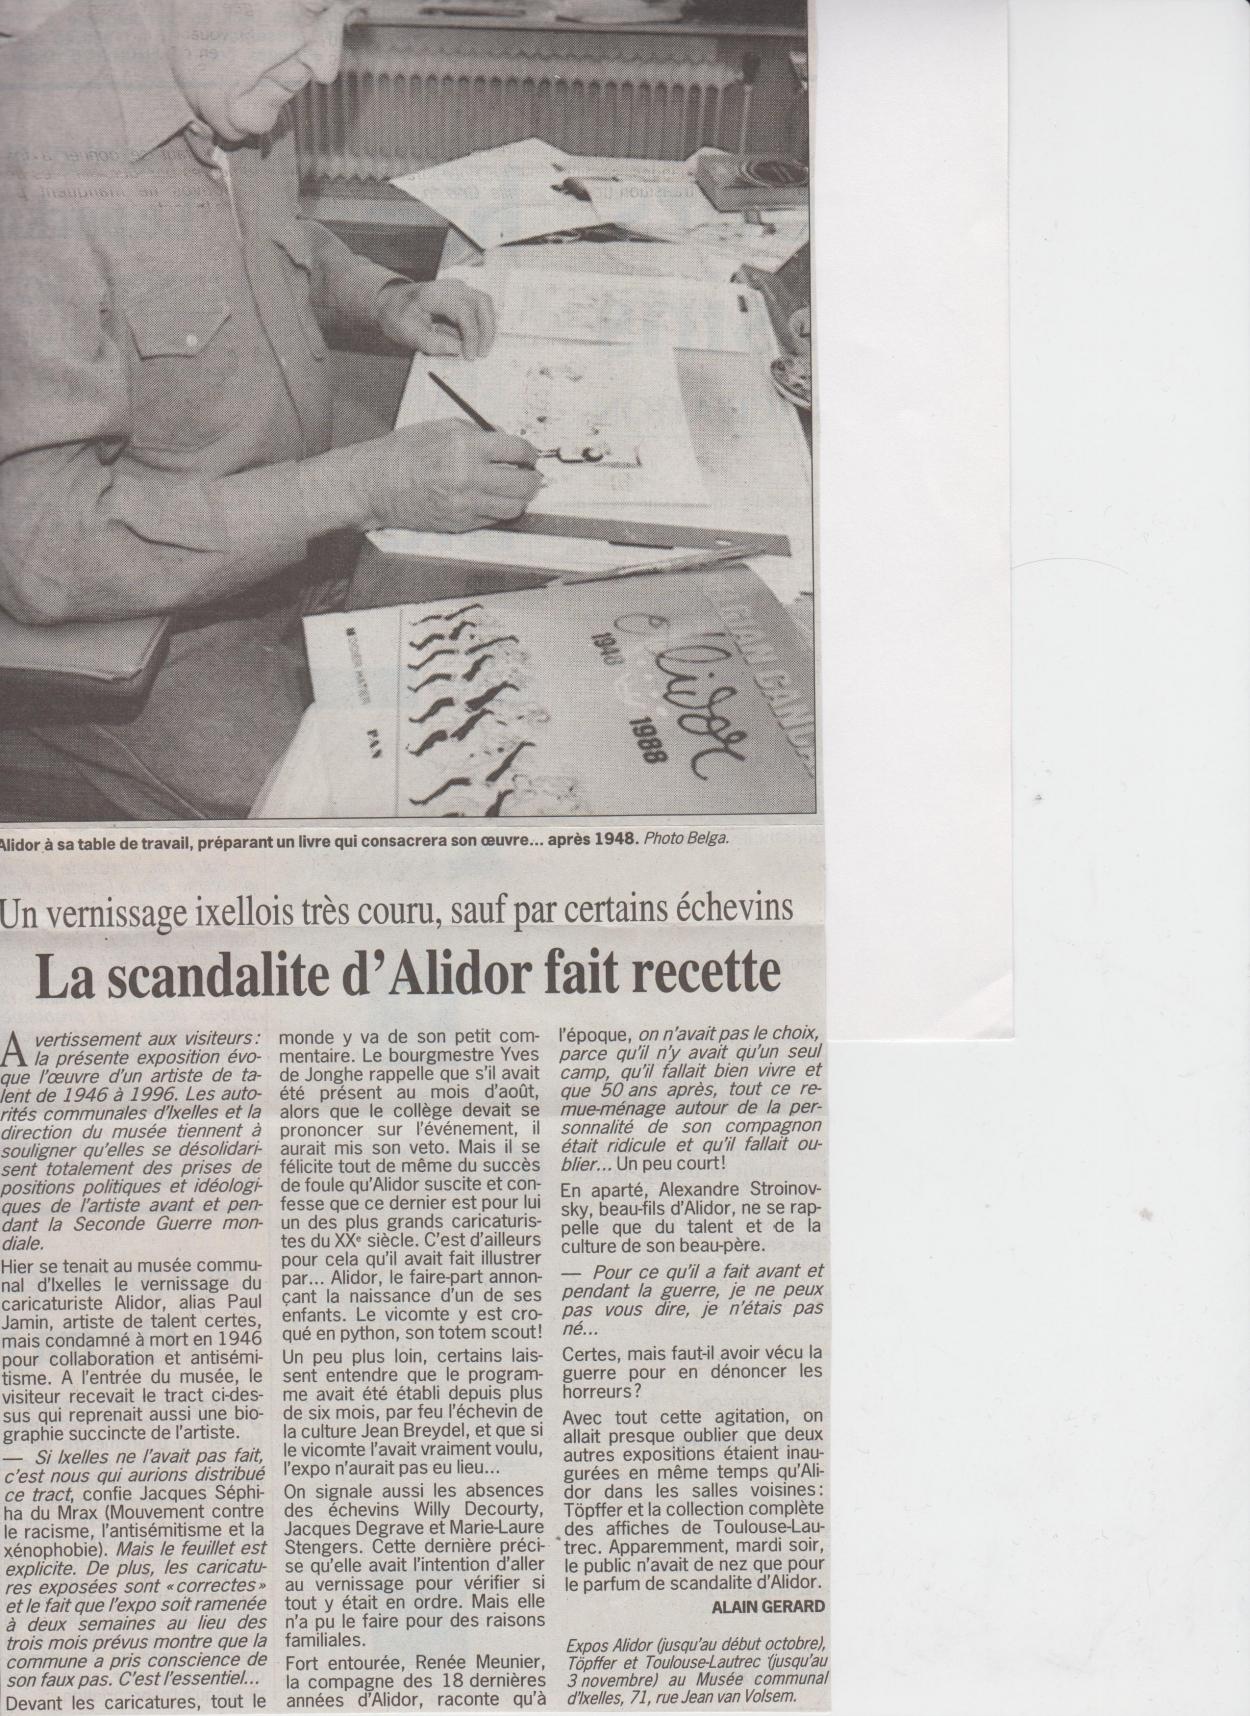 BDKD1113_Paul Jamin_Le Soir_polémique Ixelles (19.09.96)